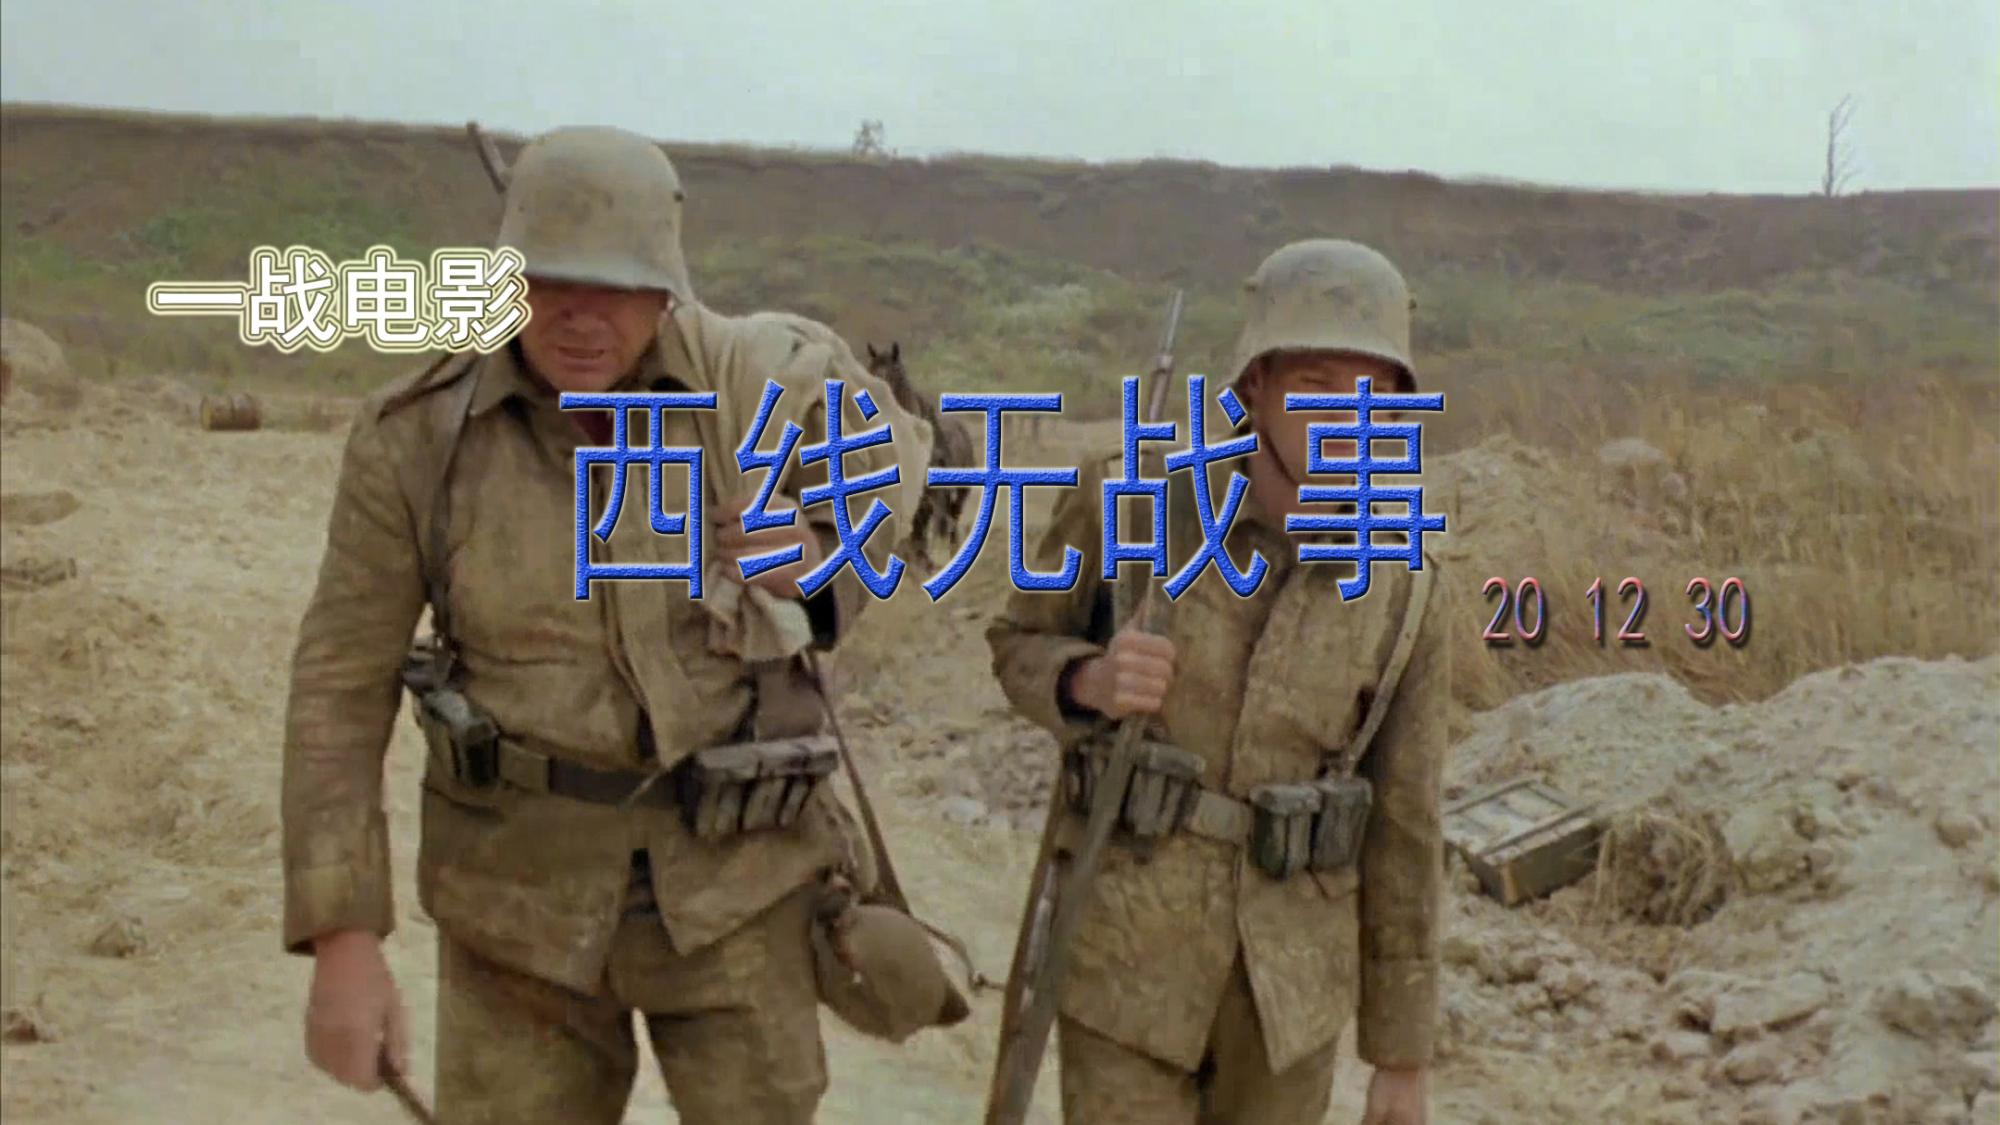 这是一部人性爆棚的反战片,以普通德军士兵视角,展现战争的残酷